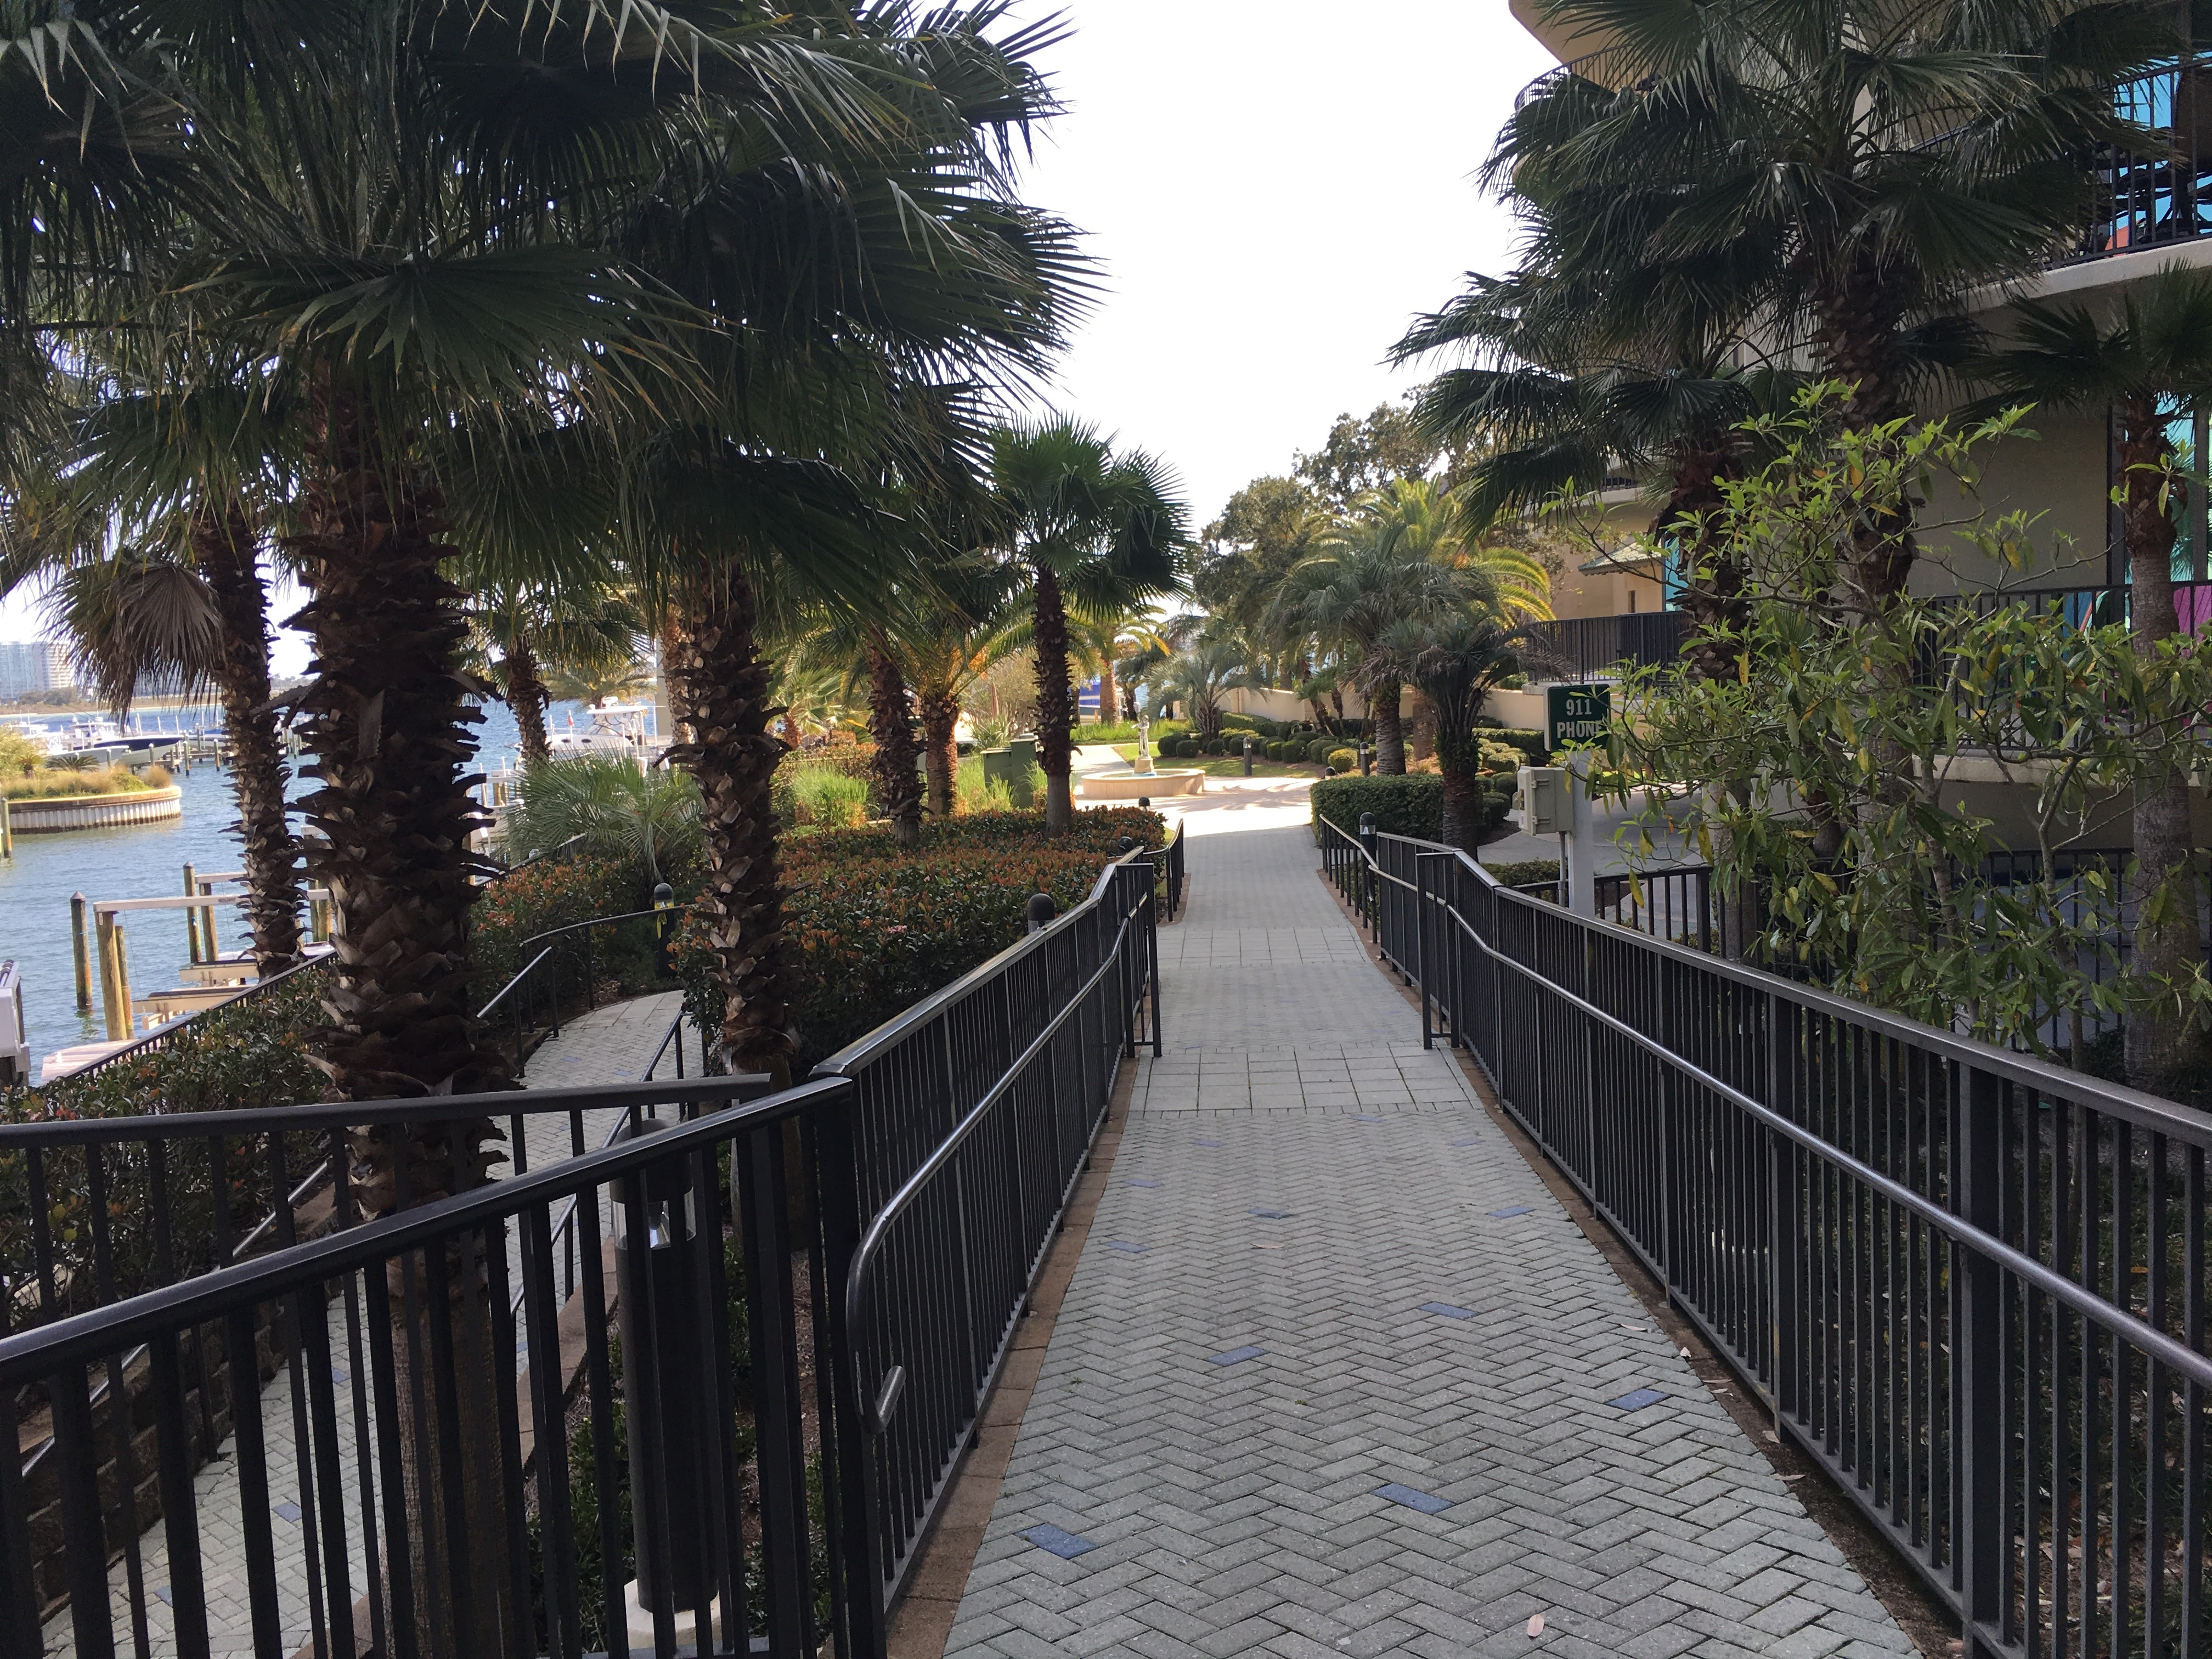 Phoenix on the Bay II - Walkway to the docks